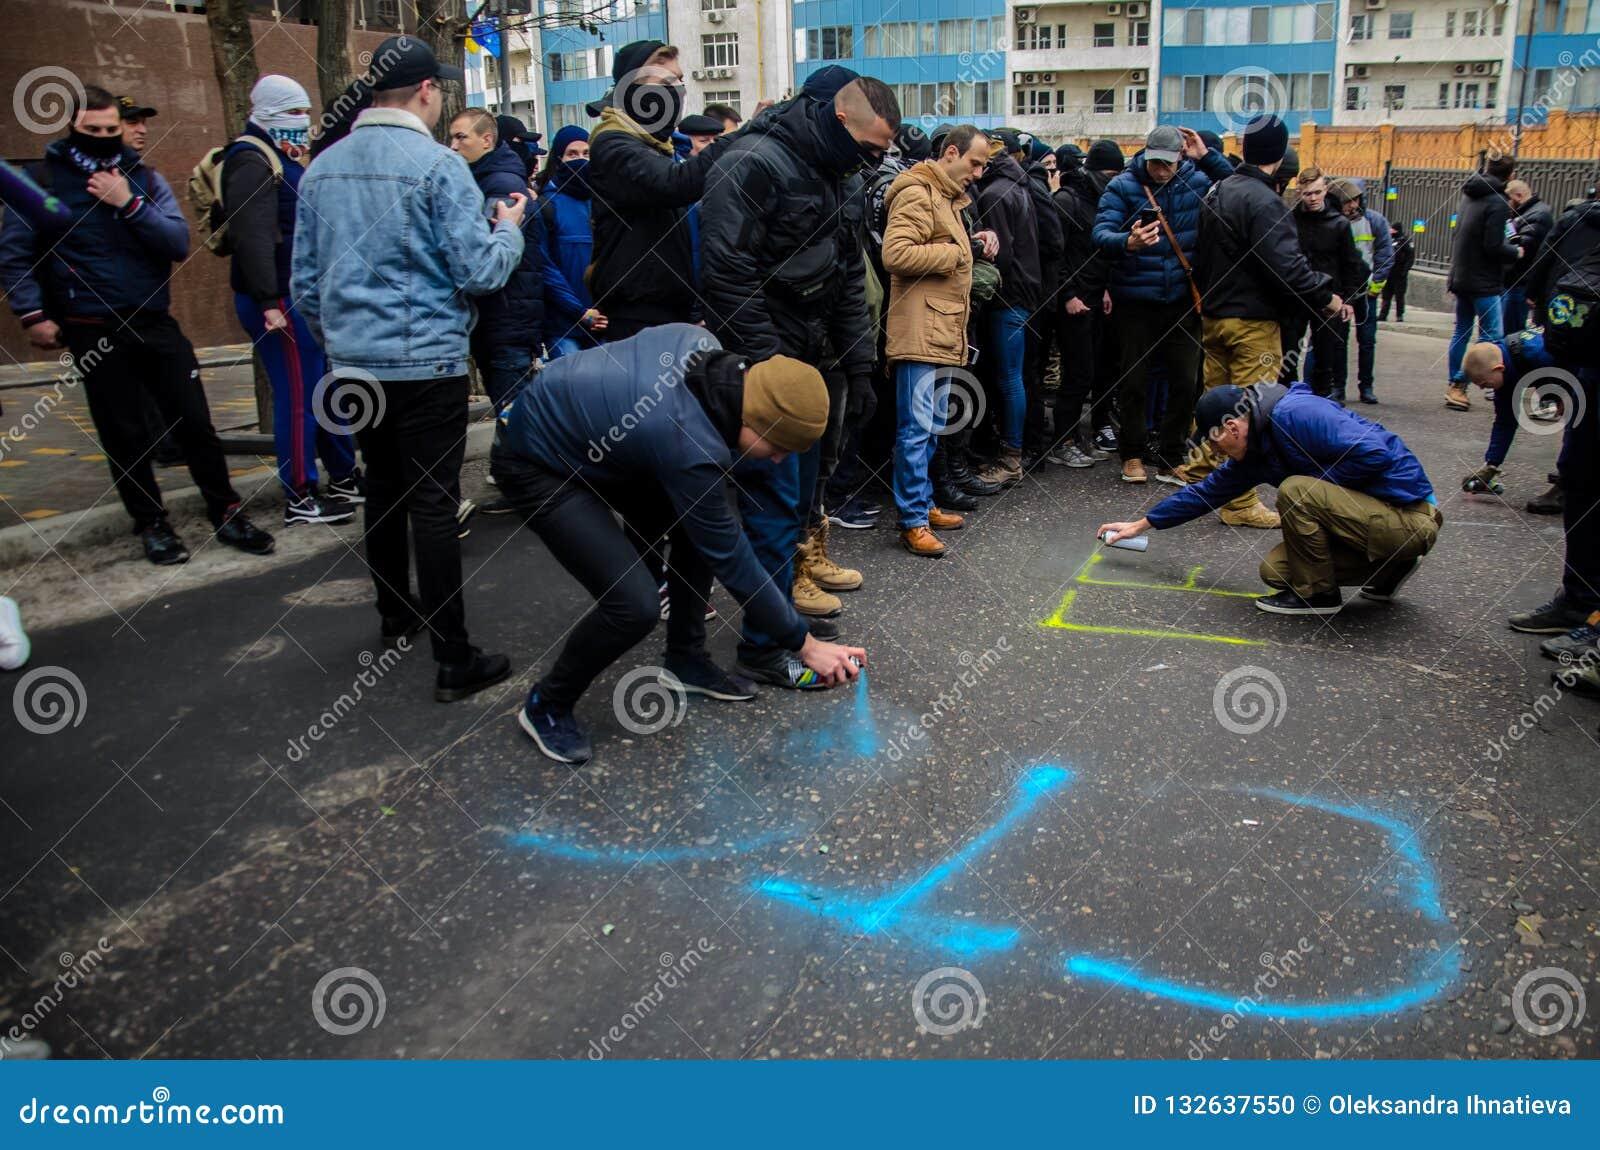 乌克兰爱国者抗议在俄罗斯联邦的一般领事馆的附近在反对俄罗斯的侵略的傲德萨